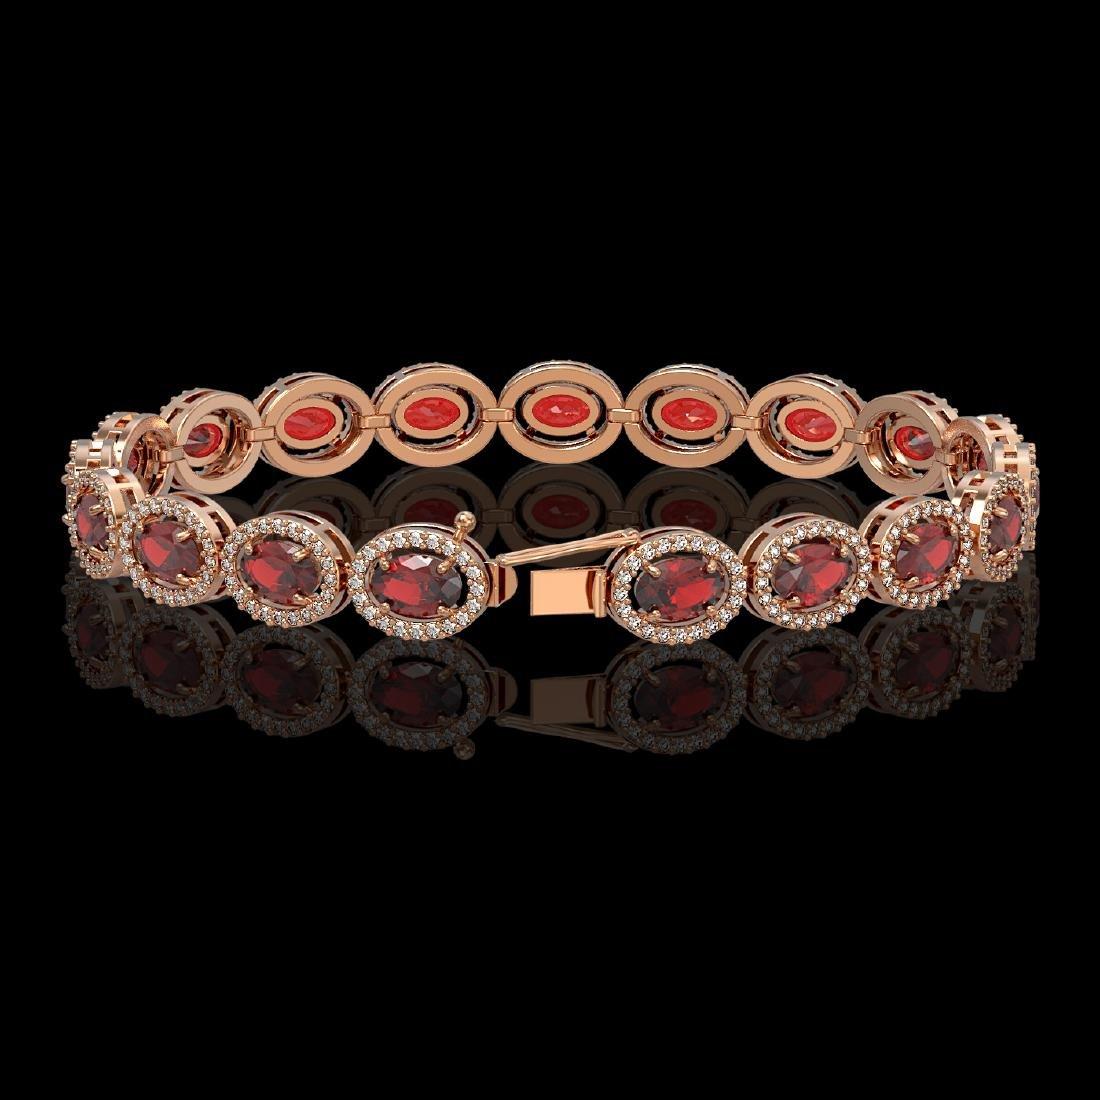 14.63 CTW Garnet & Diamond Halo Bracelet 10K Rose Gold - 2